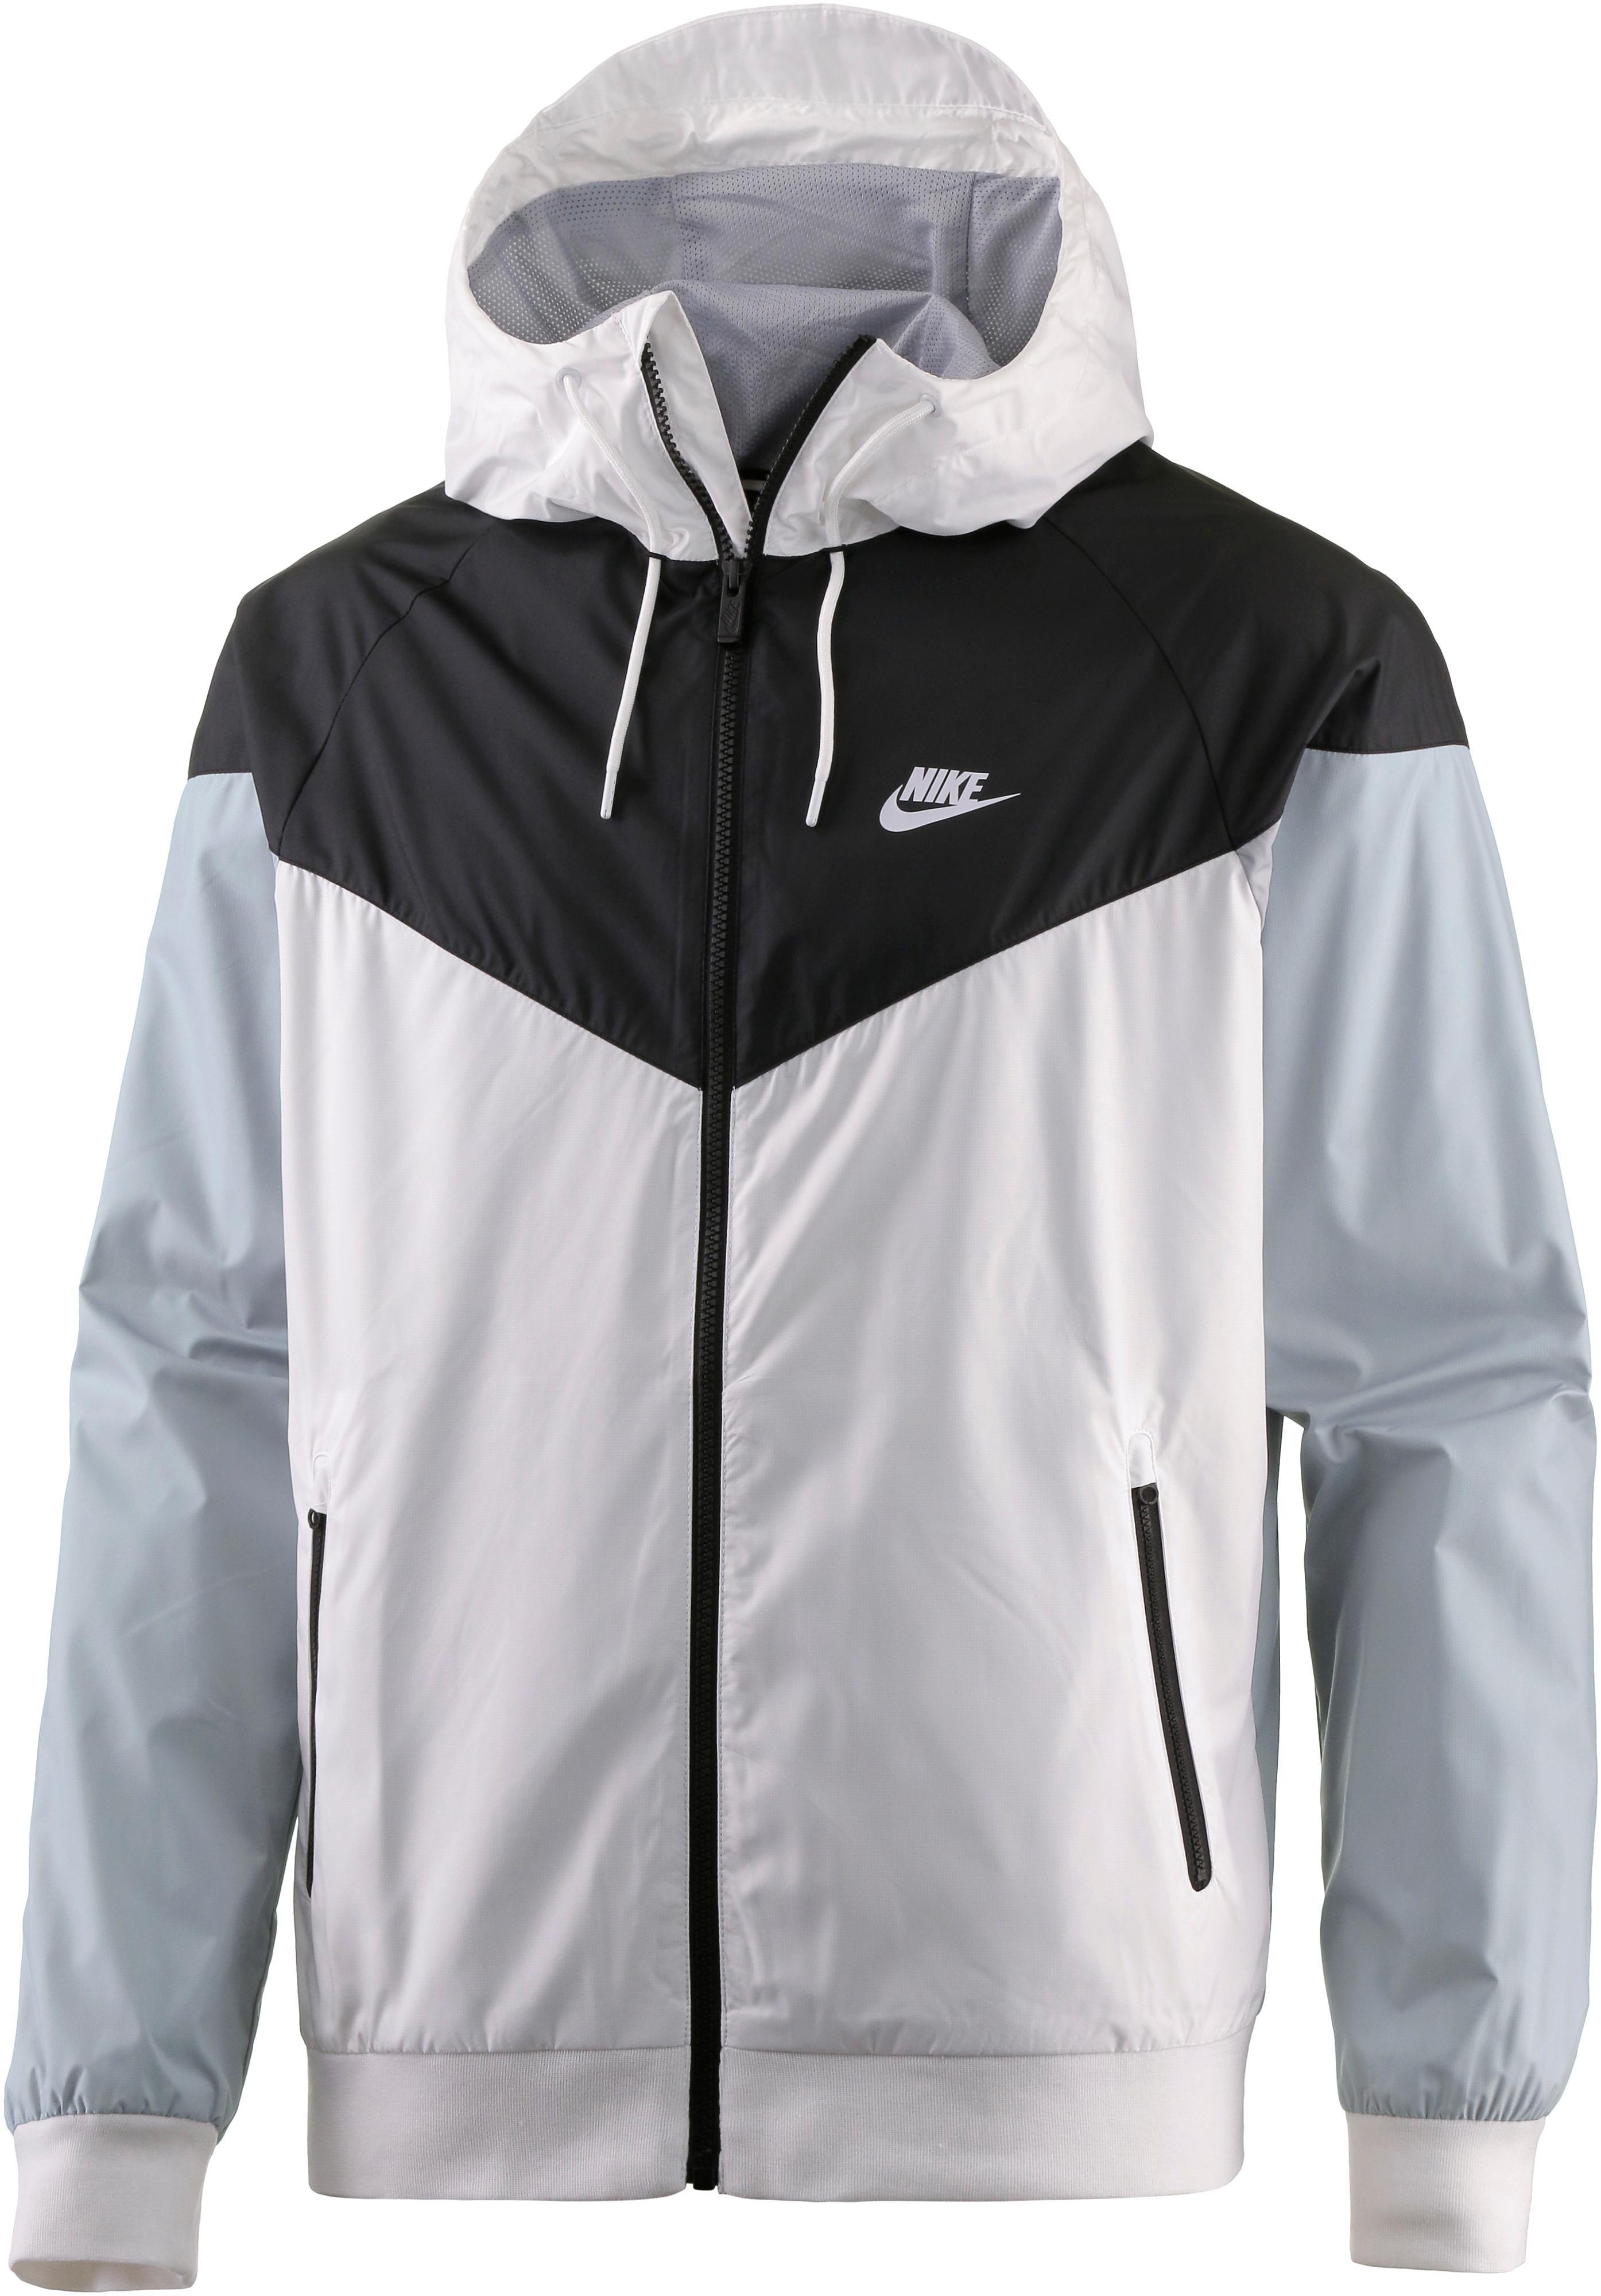 cdceb7495fd3 Nike Windrunner Kapuzenjacke Herren WHITE BLACK WOLF GREY WHITE im Online  Shop von SportScheck kaufen